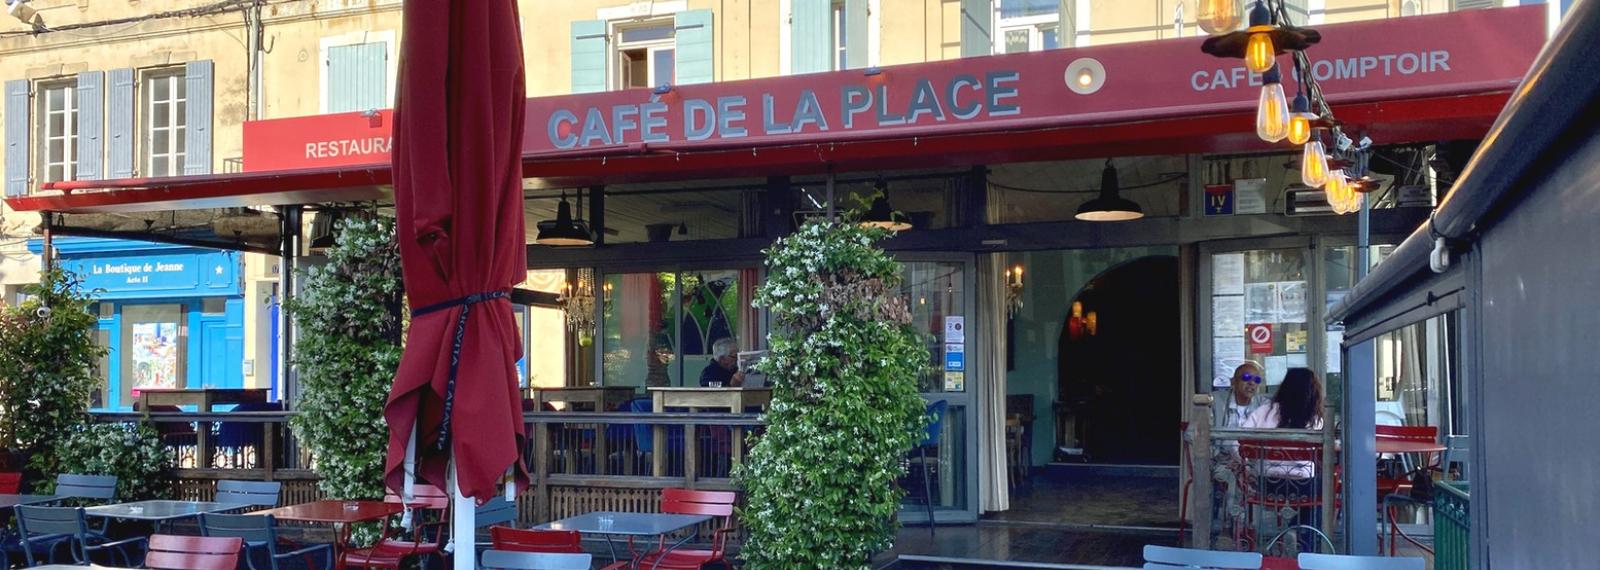 Café de la Place à Saint-Rémy-de-Provence